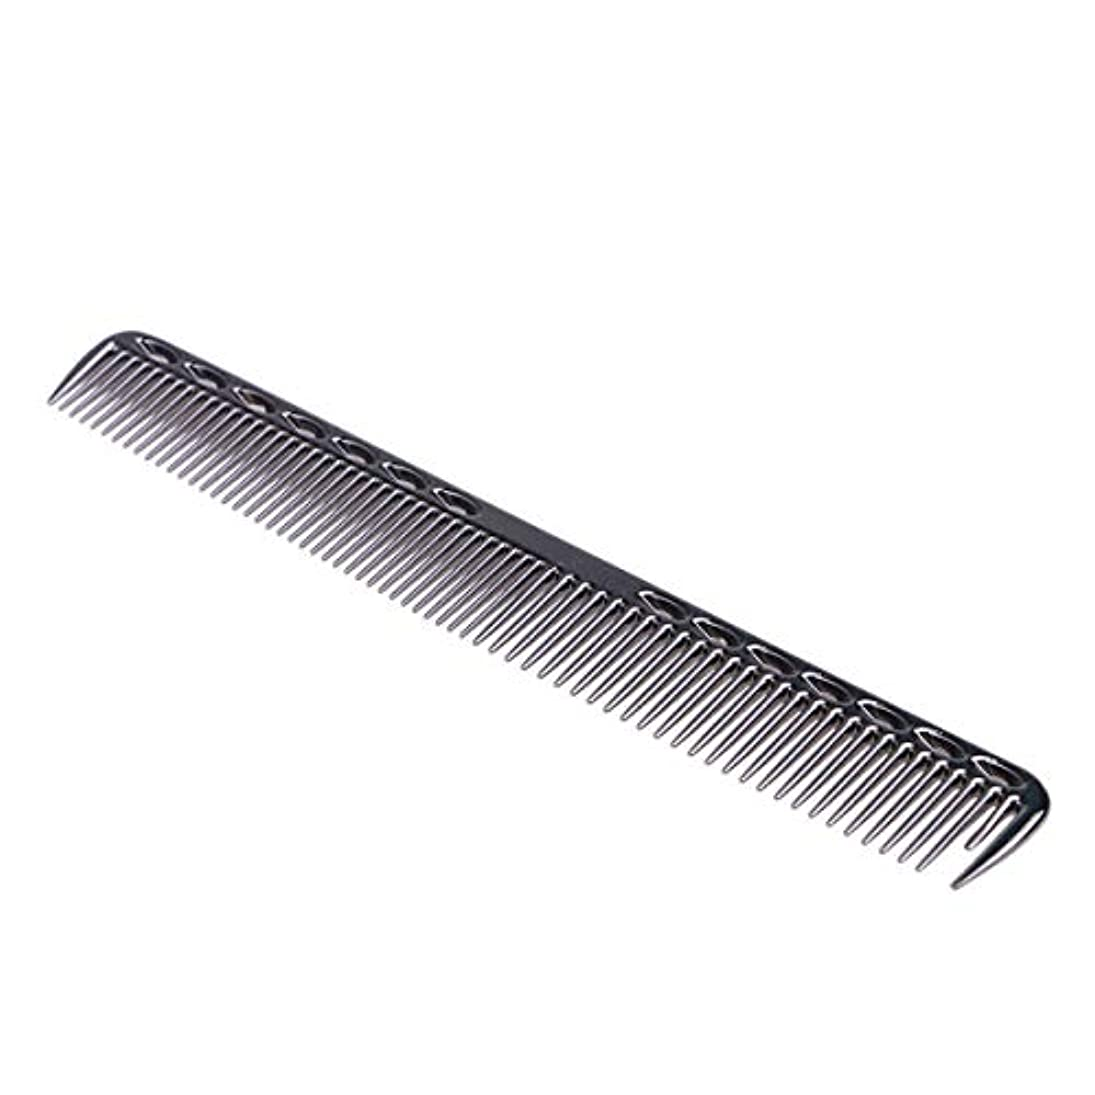 SUPVOX プロ用 髪切櫛 静電気防止 アルミ歯 美容師用 ヘアスタイリングツール